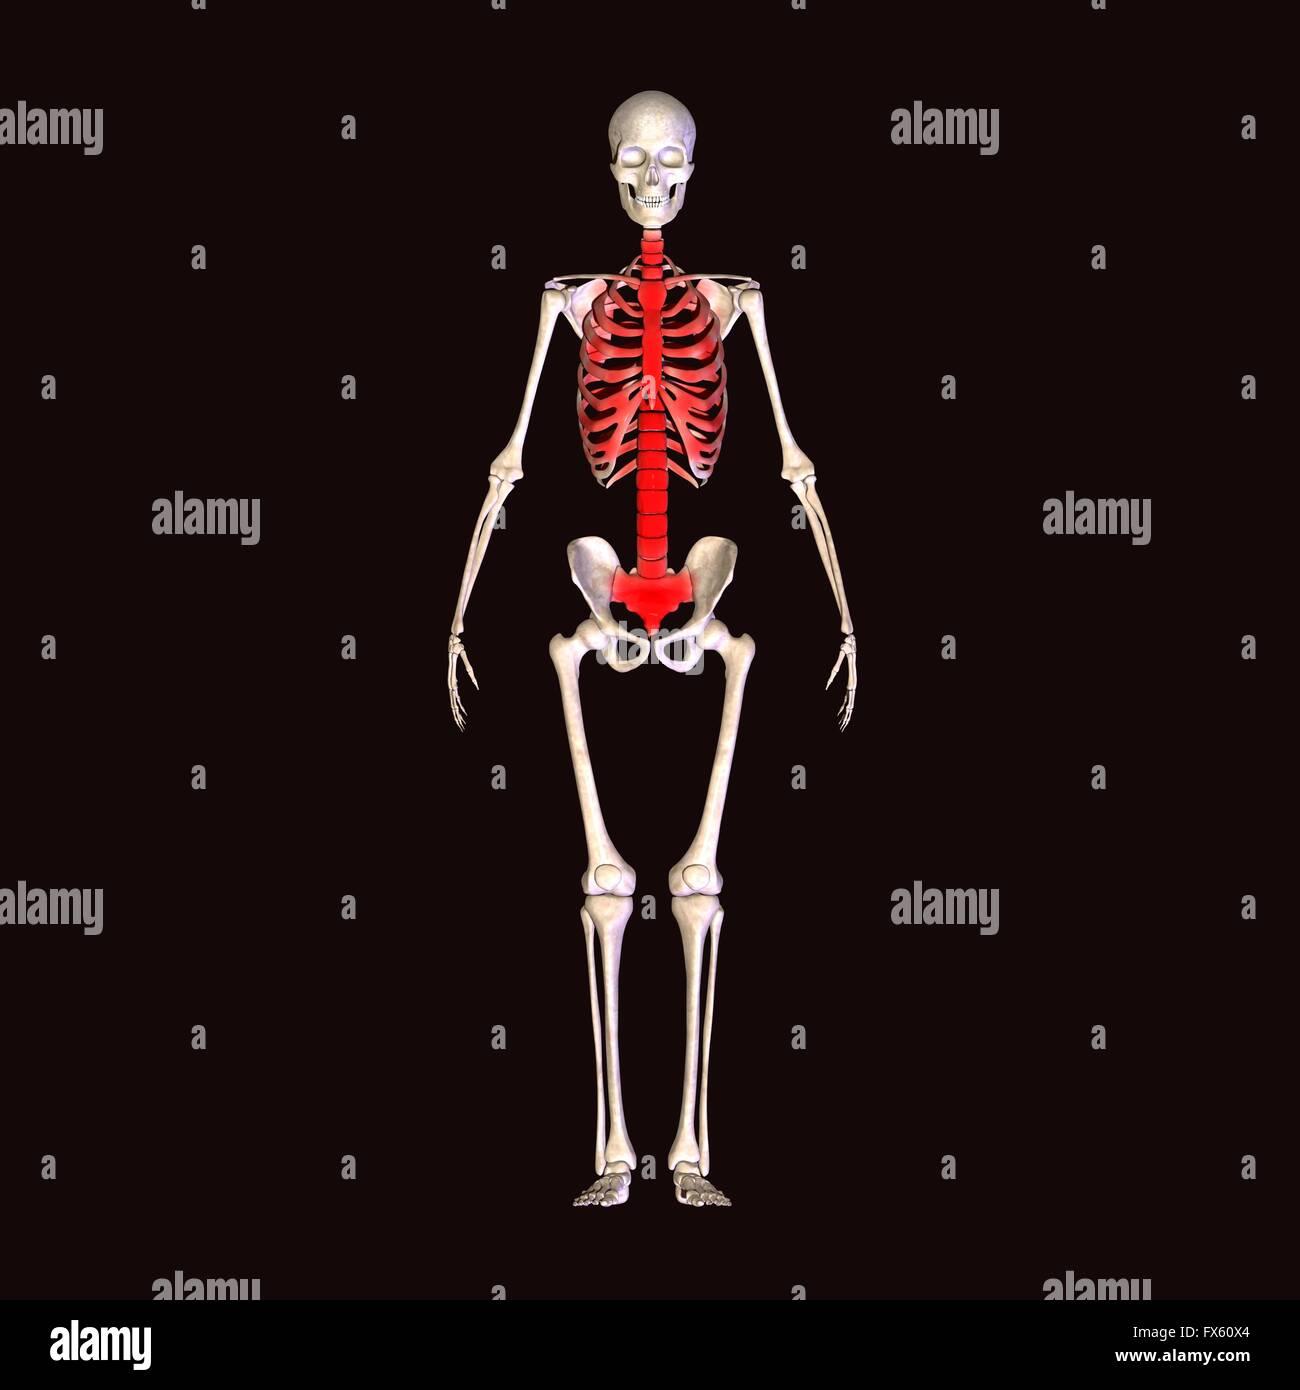 El cuerpo humano, completo, esqueleto, anatomía, medicina, ray ...